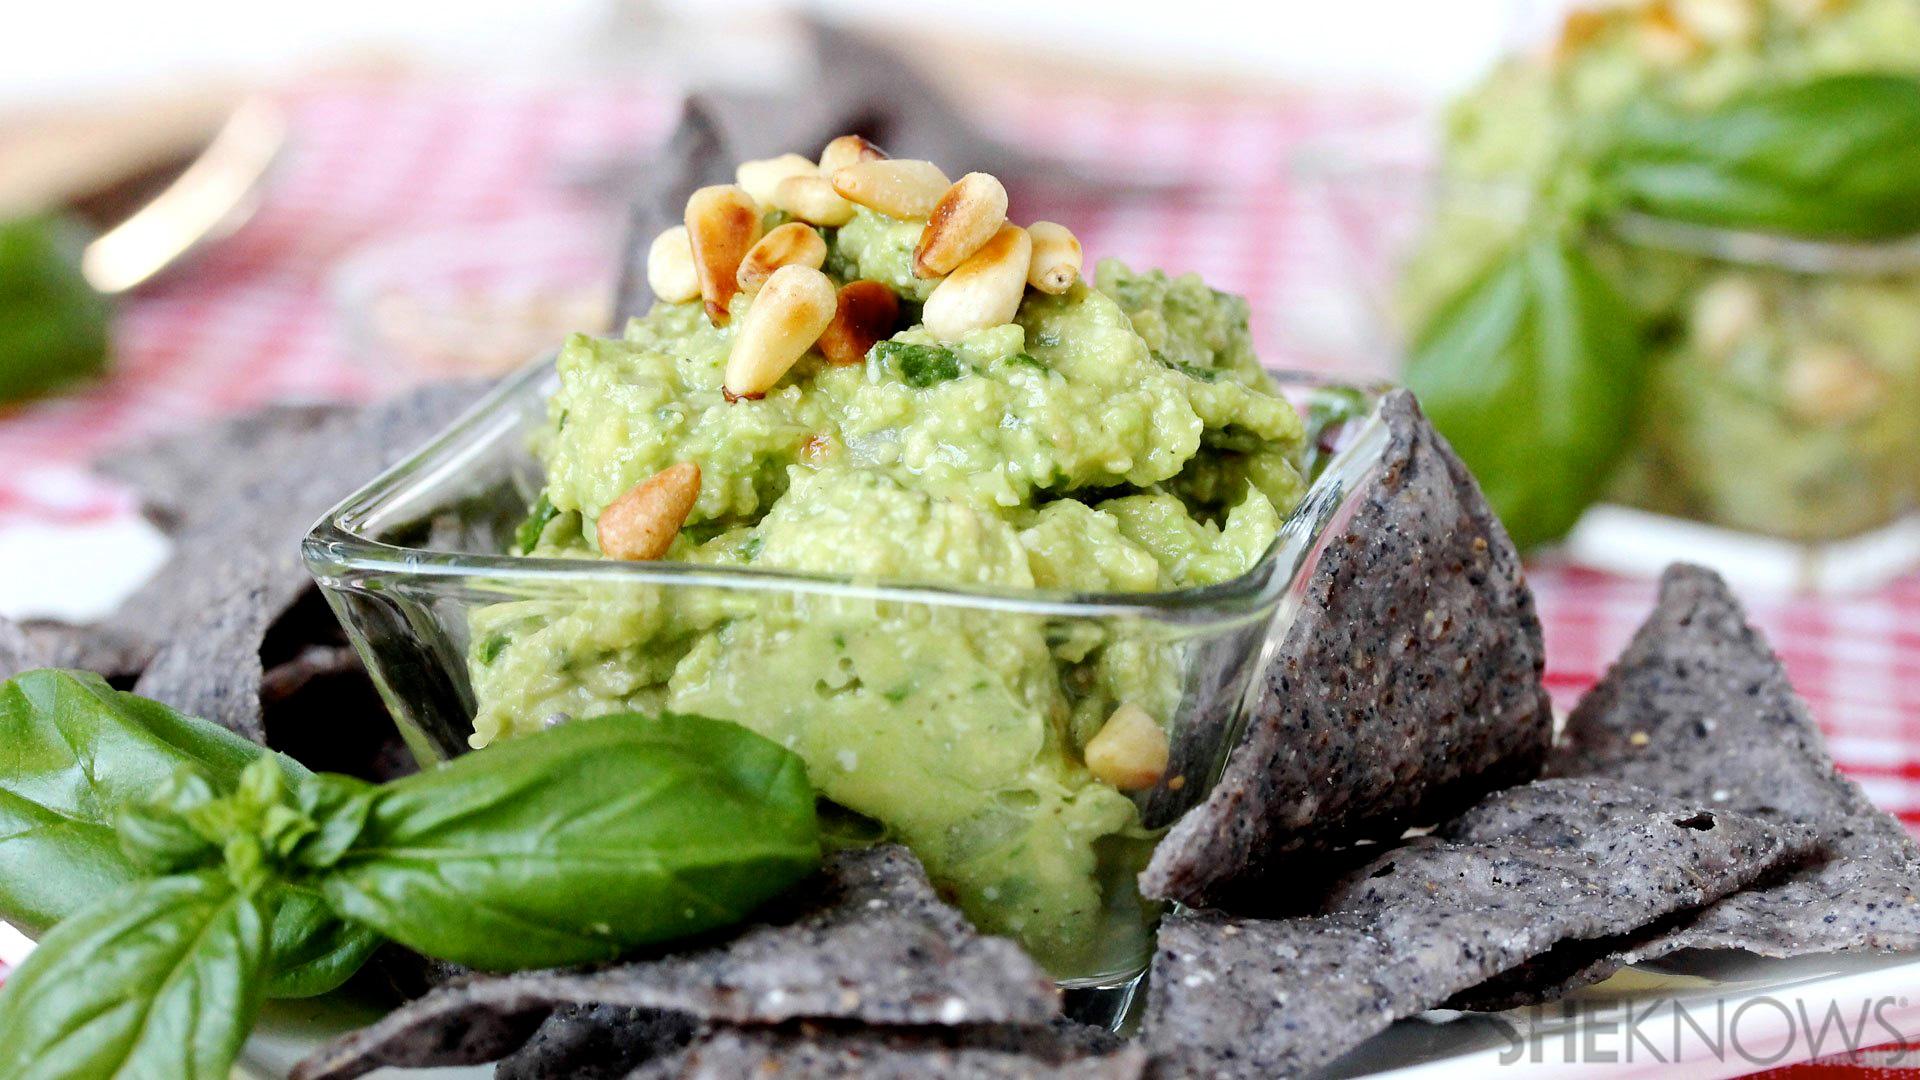 Pesto guacamole recipe